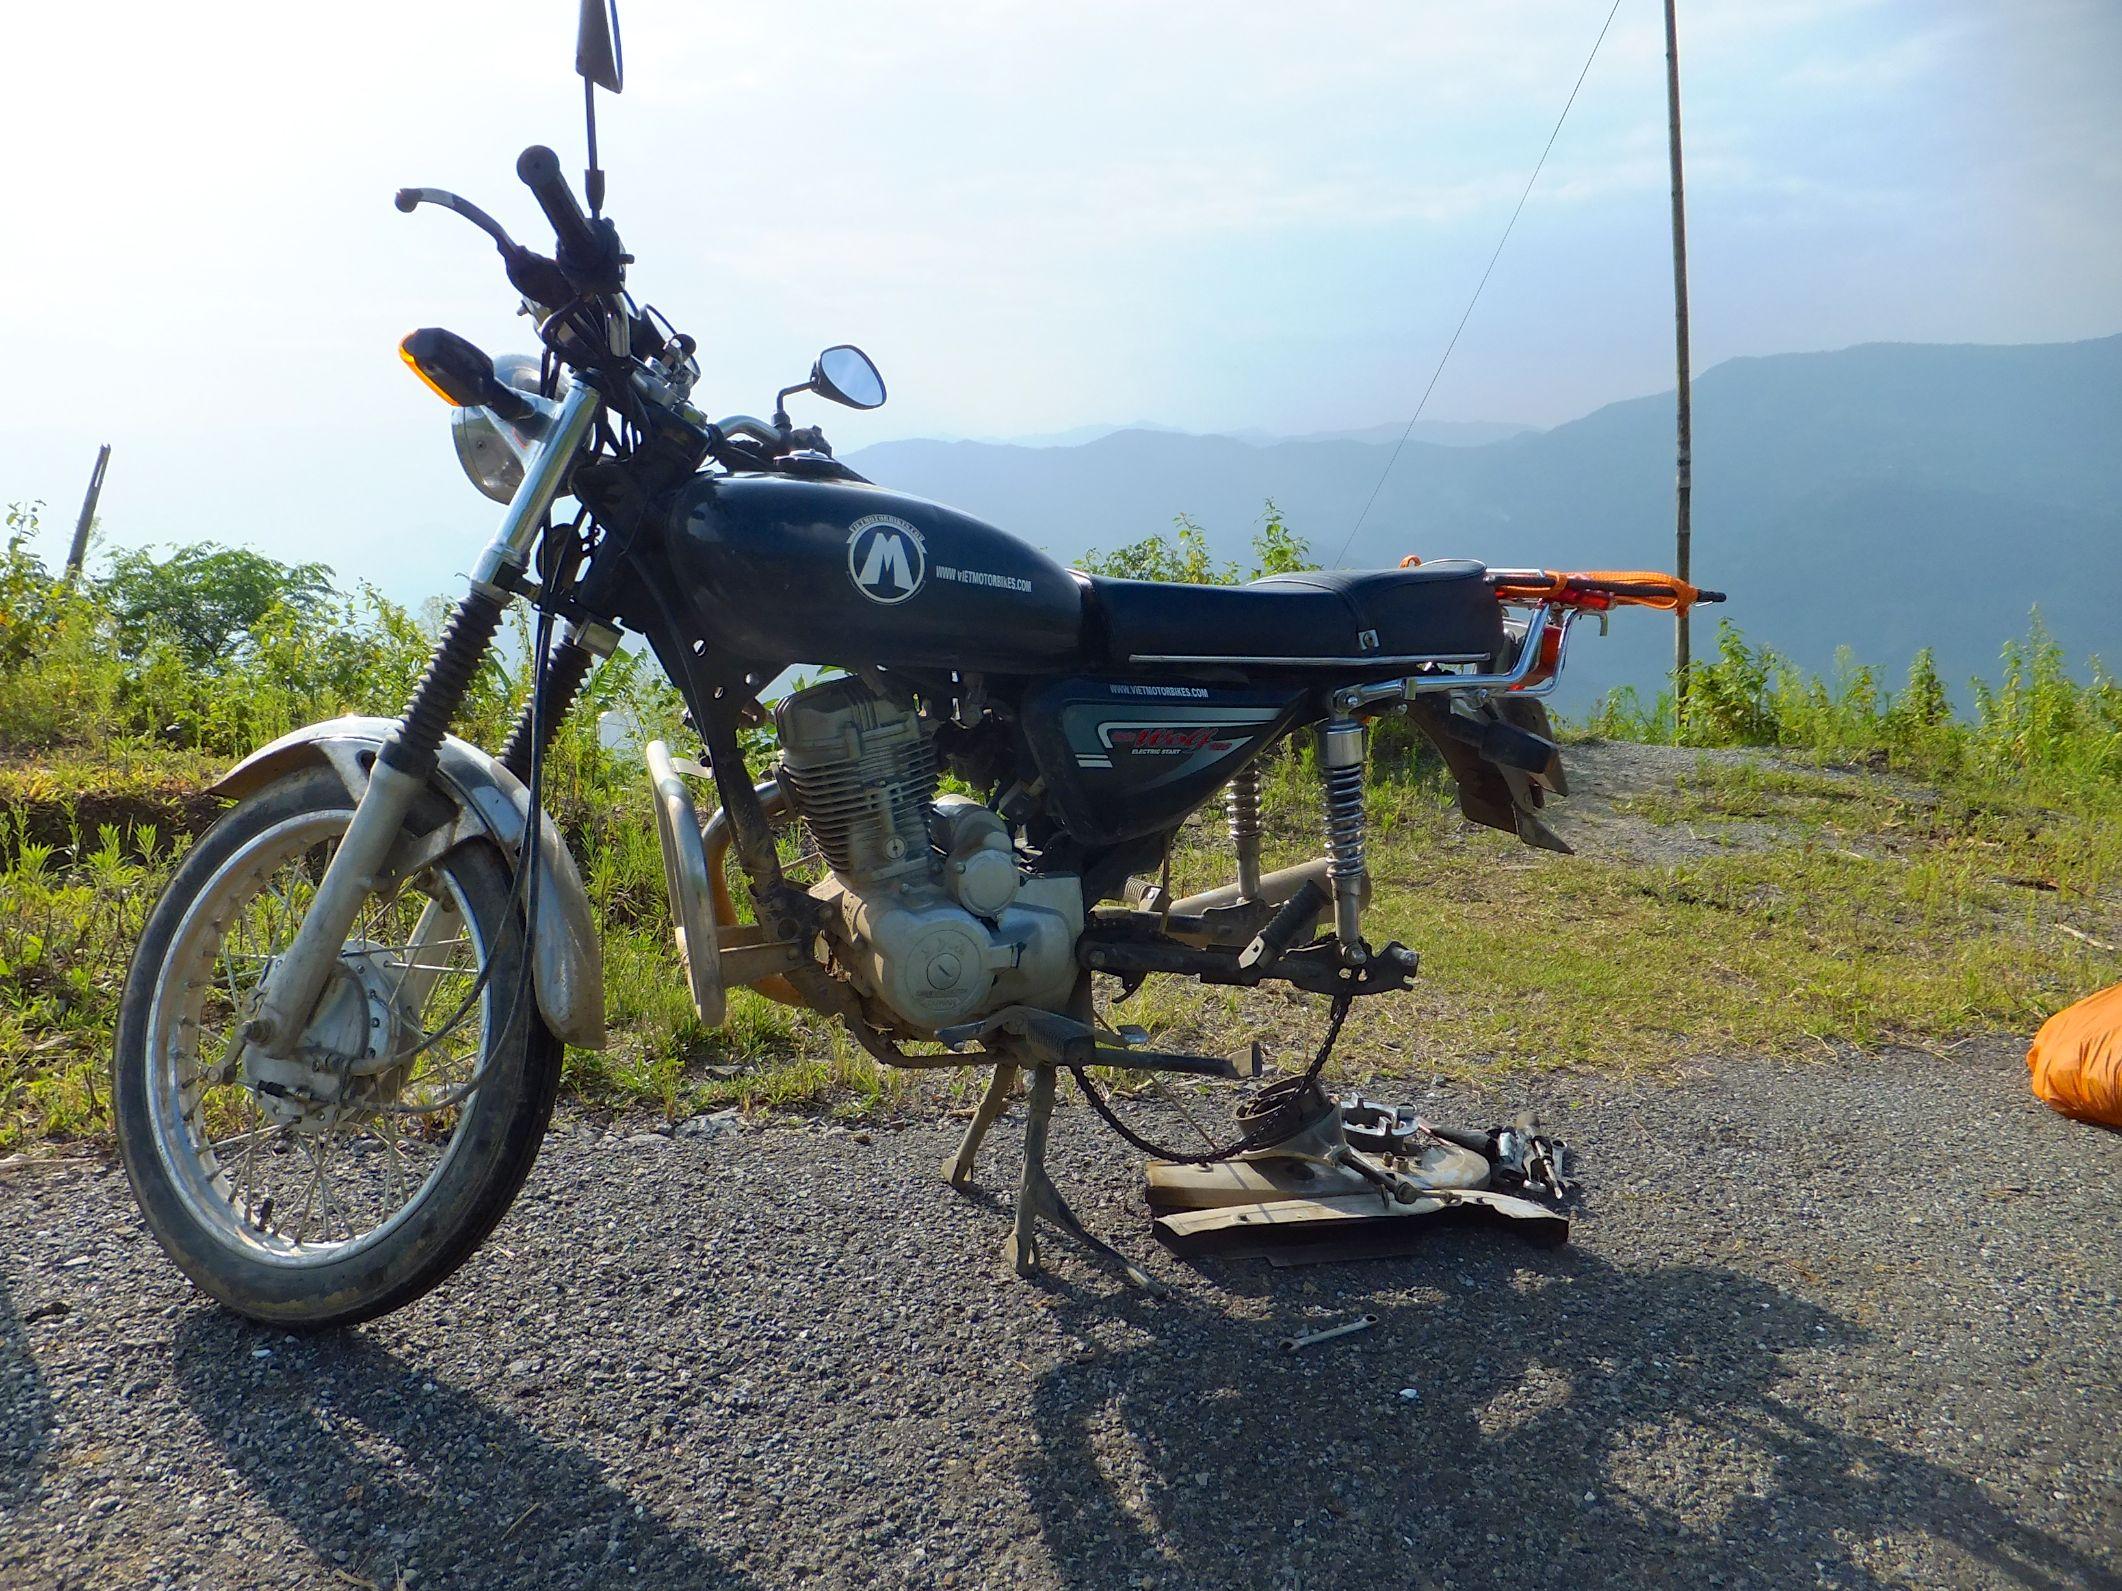 Road Trip North Vietnam – Part 2 (Verluste bei Mensch und Maschine)